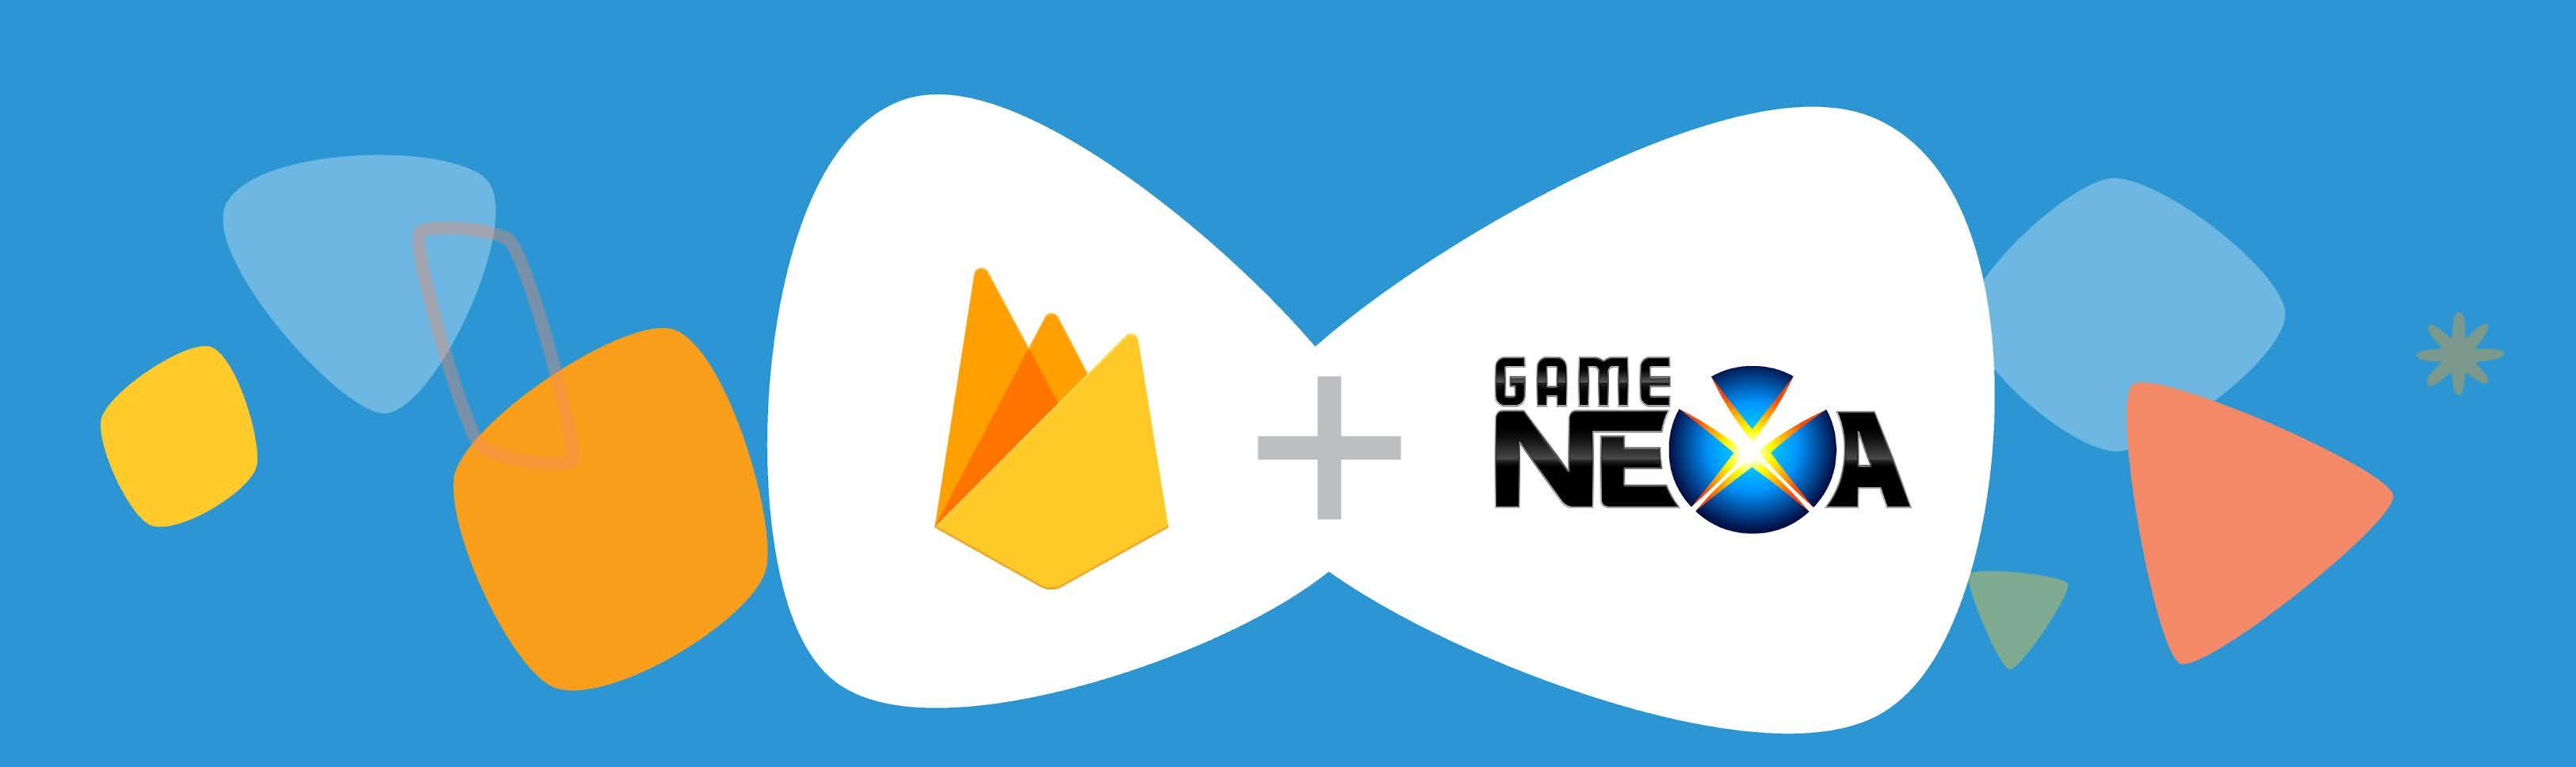 Firebase GameNexa logos